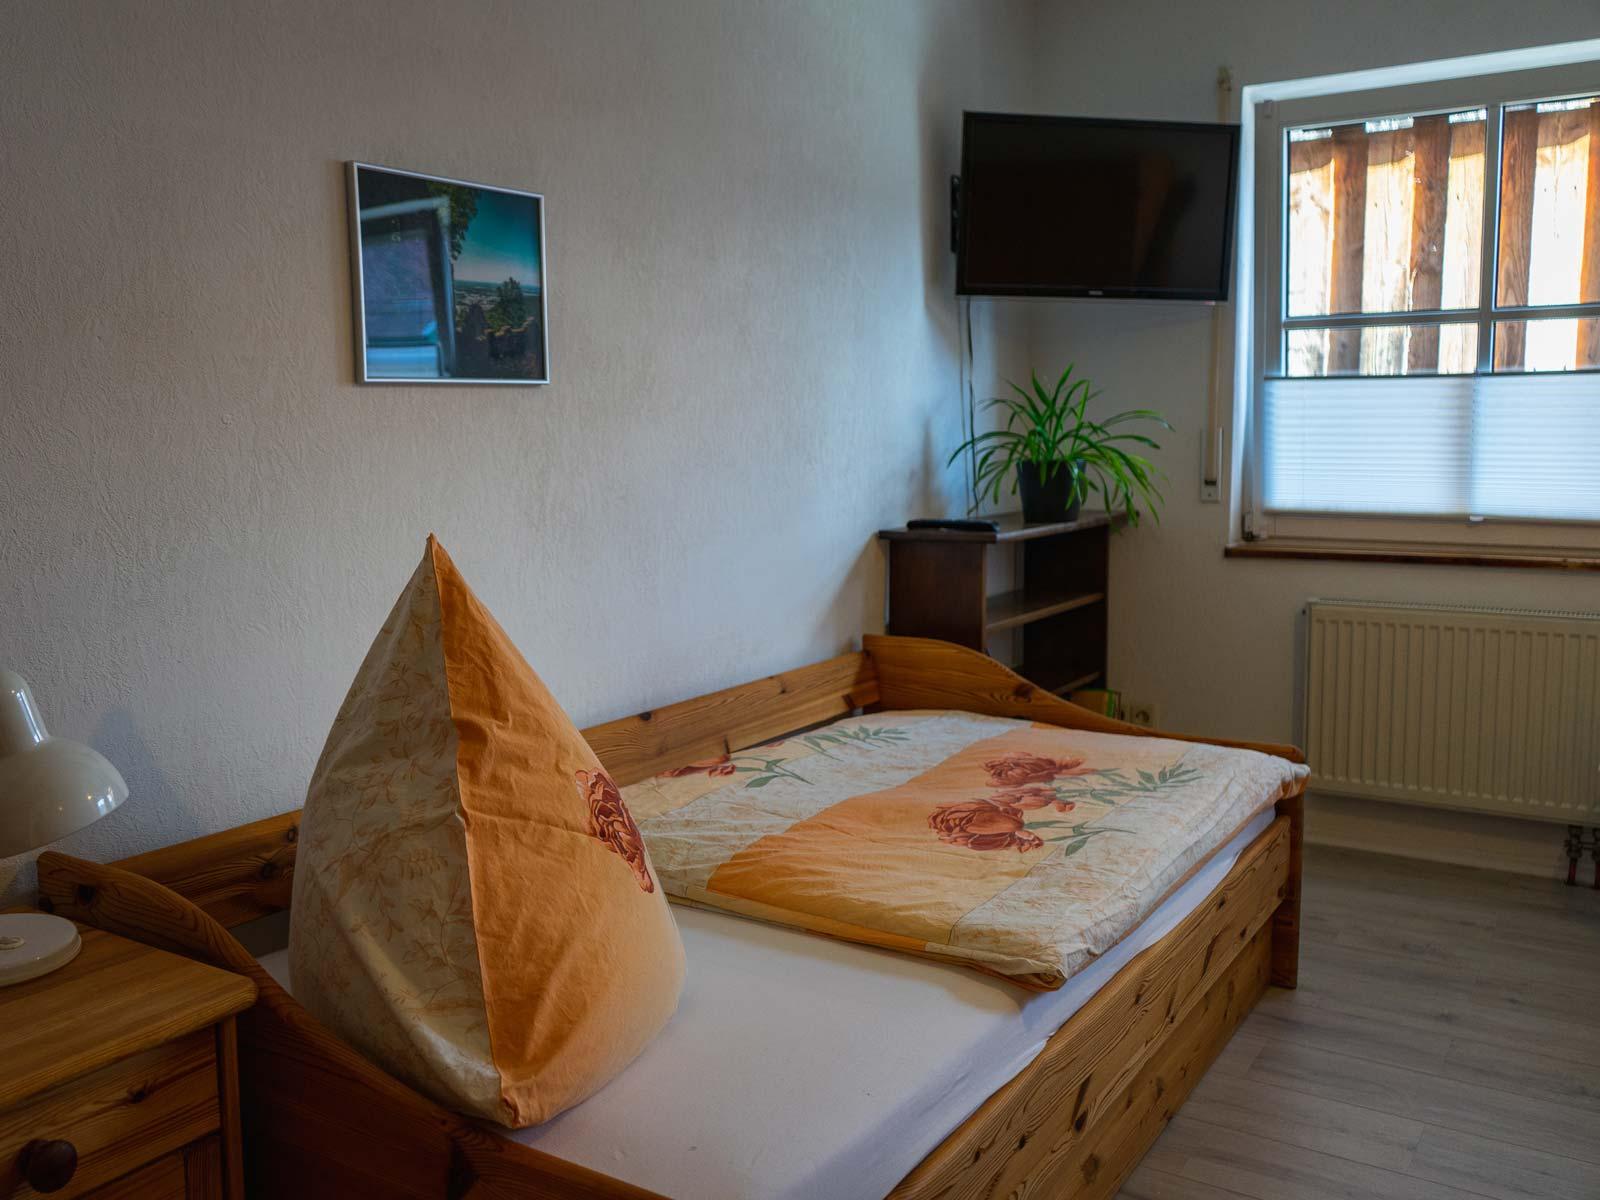 Einzelbett und TV